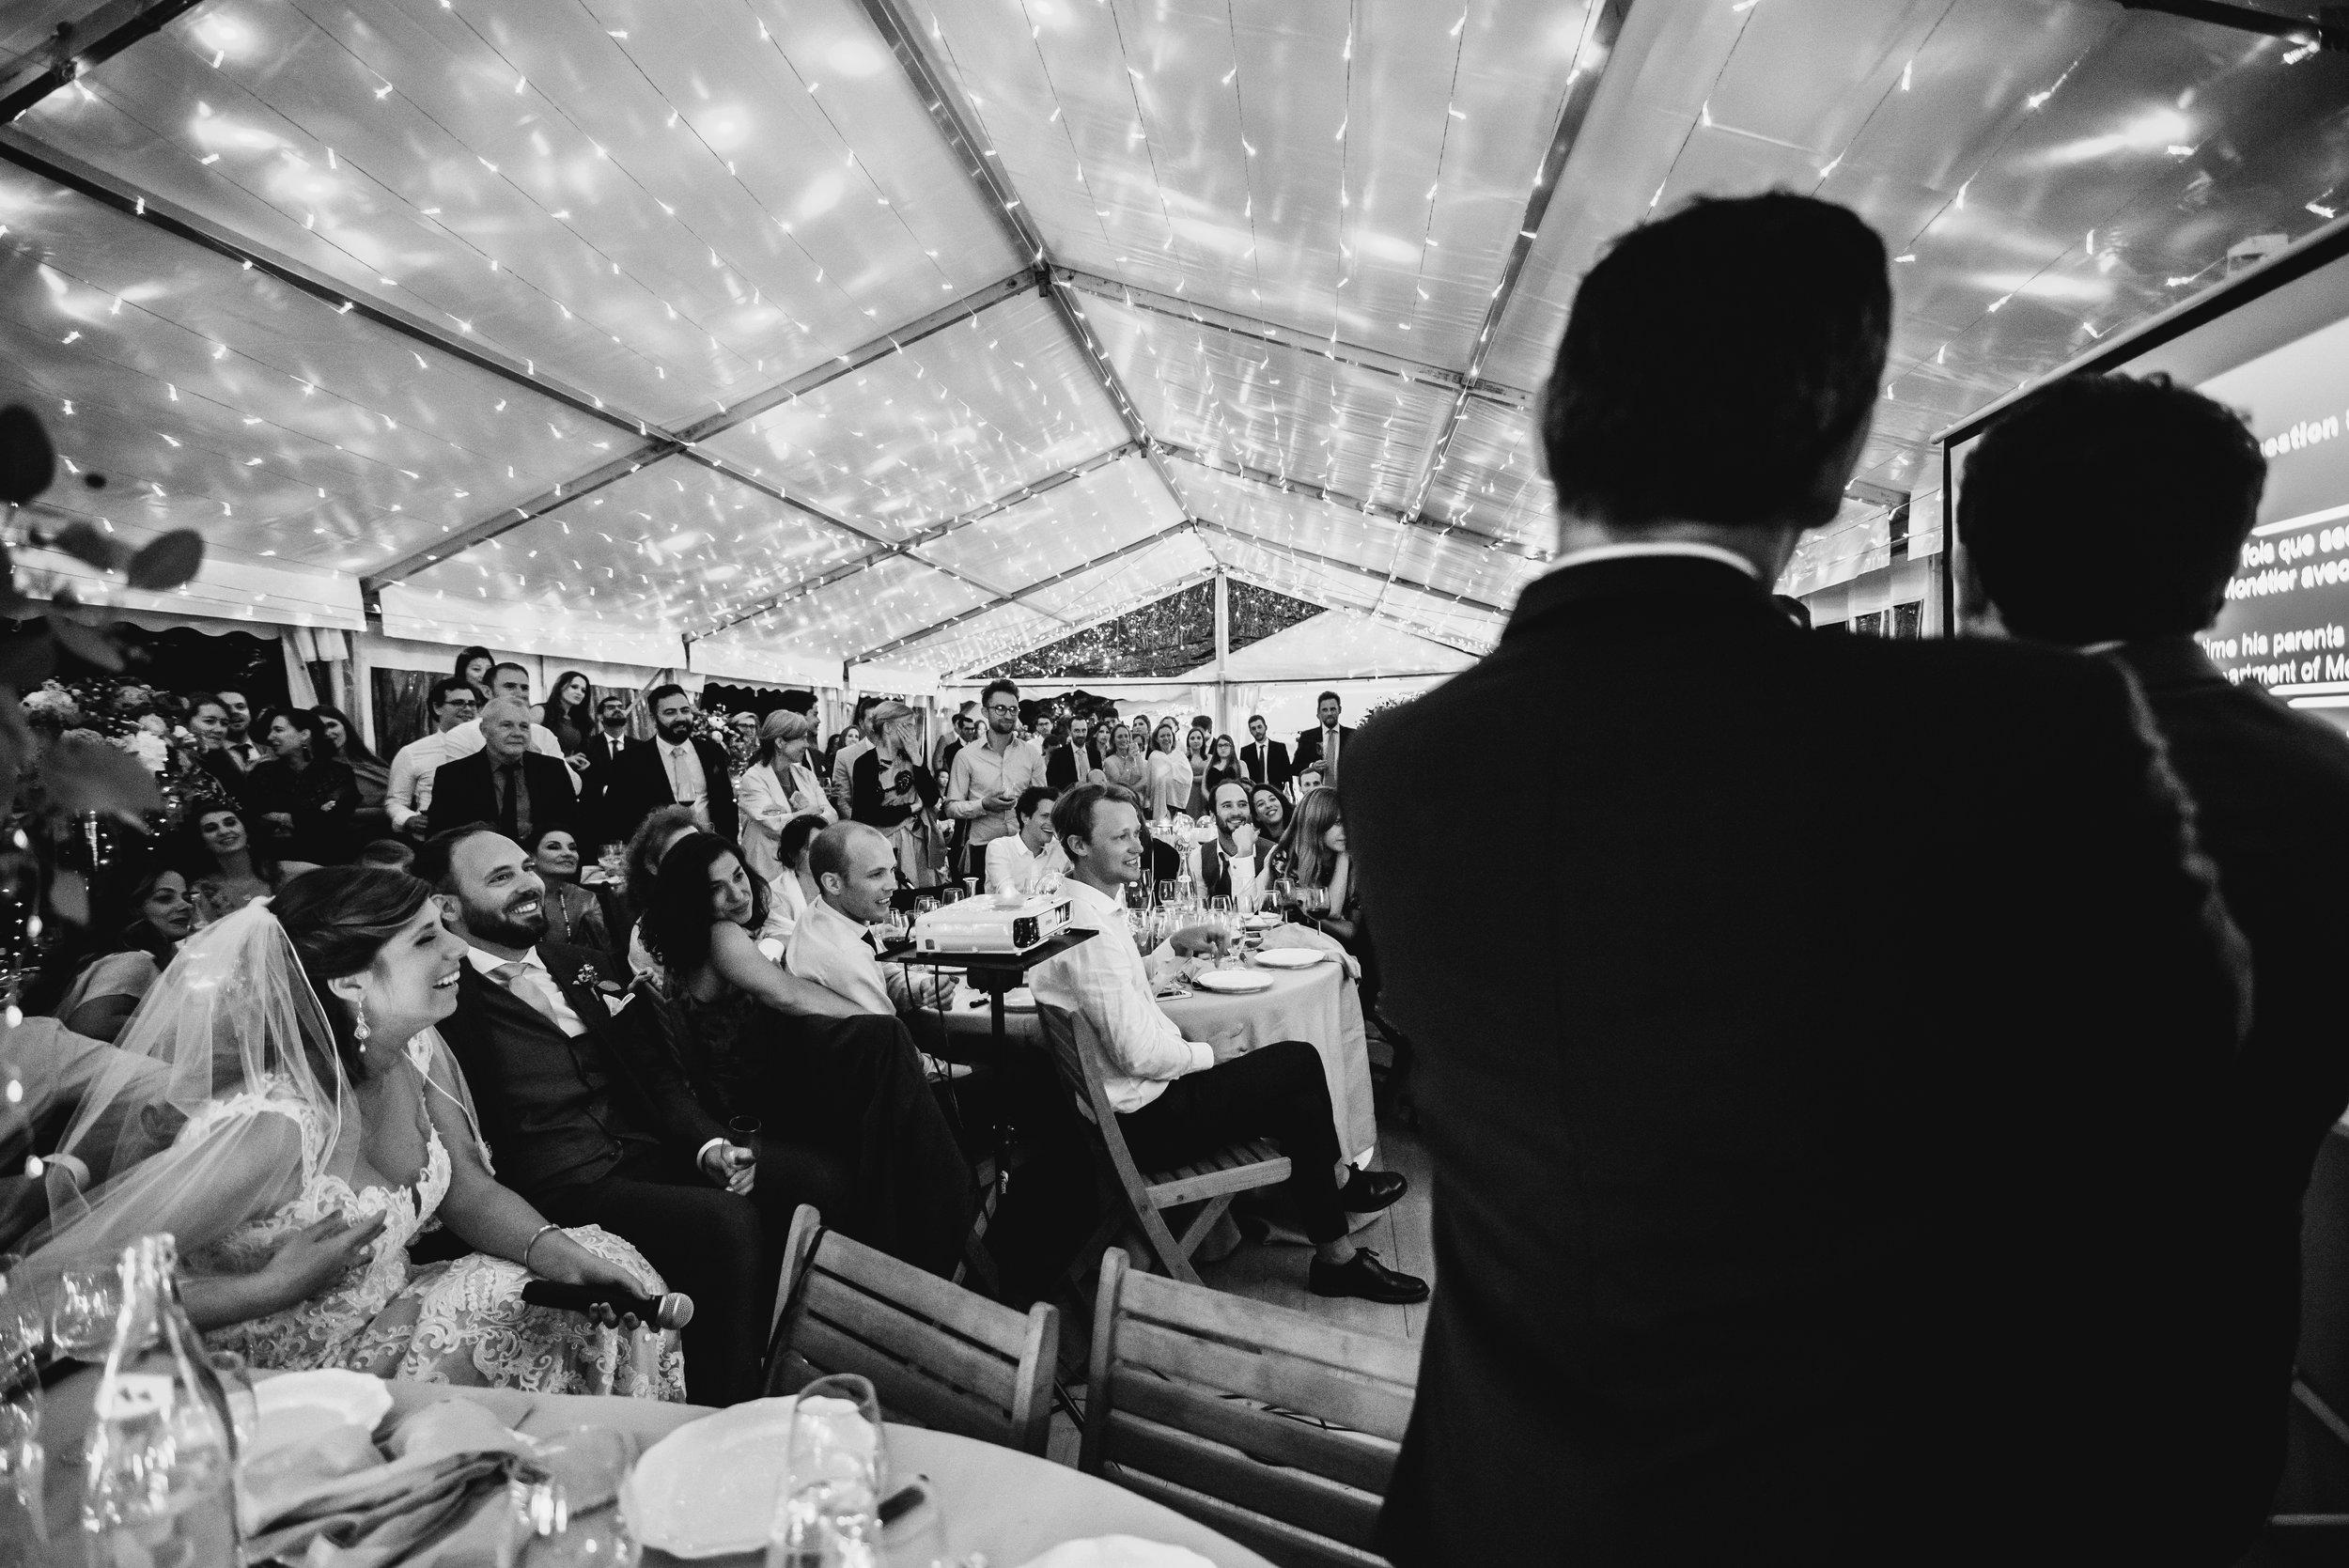 Léa-Fery-photographe-professionnel-lyon-rhone-alpes-portrait-creation-mariage-evenement-evenementiel-famille-2-214.jpg